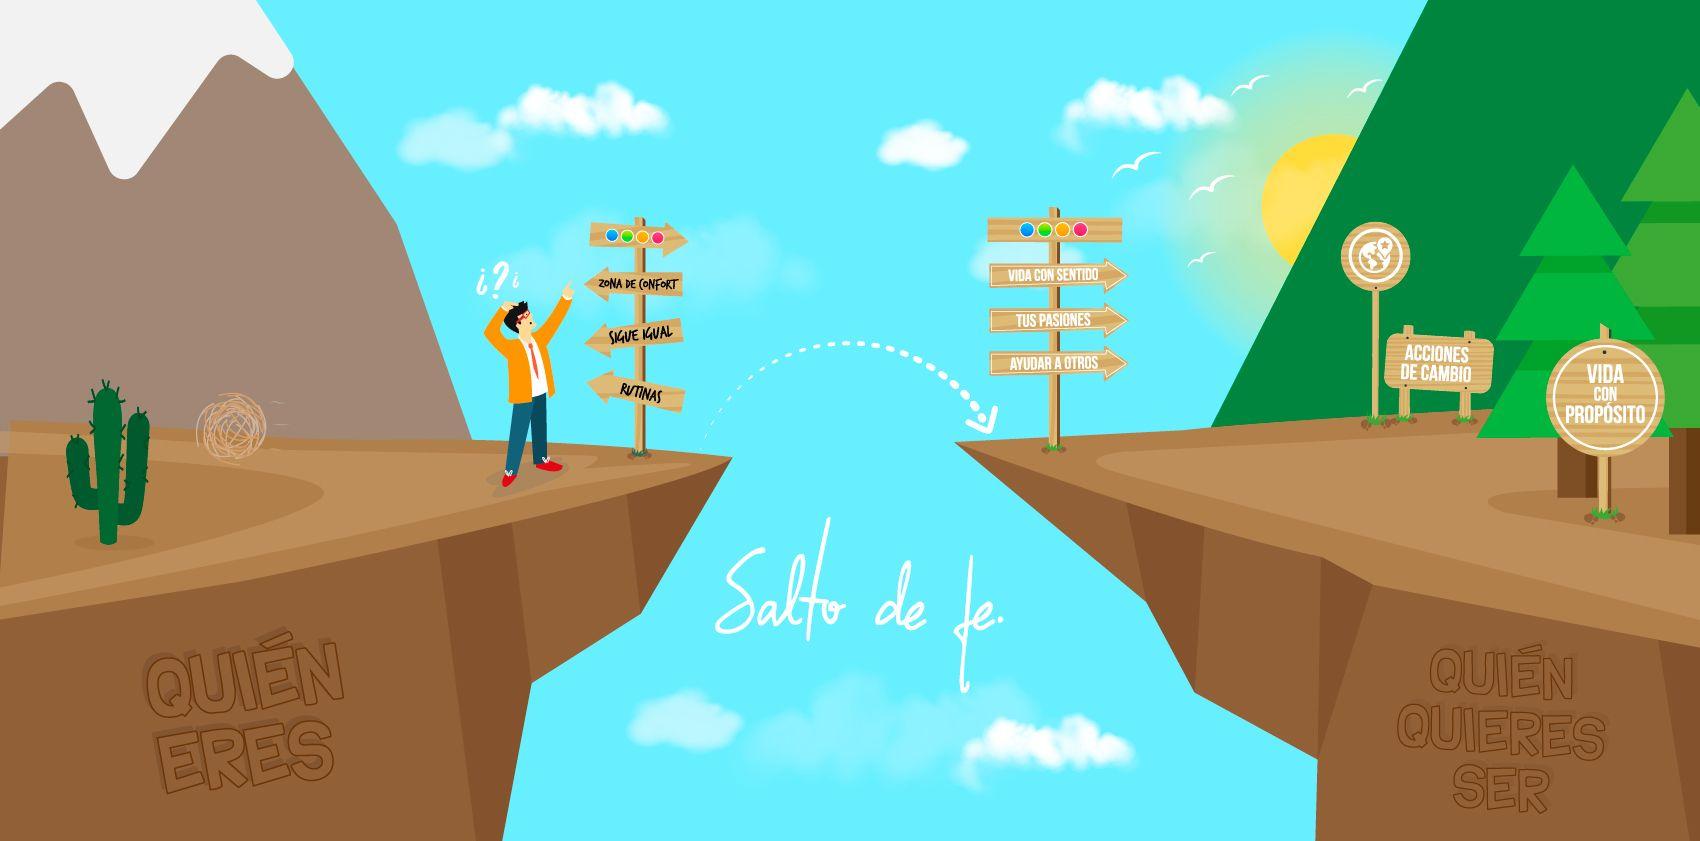 4 Pasos Para Buscar Y Encontrar Tu Proposito De Vida